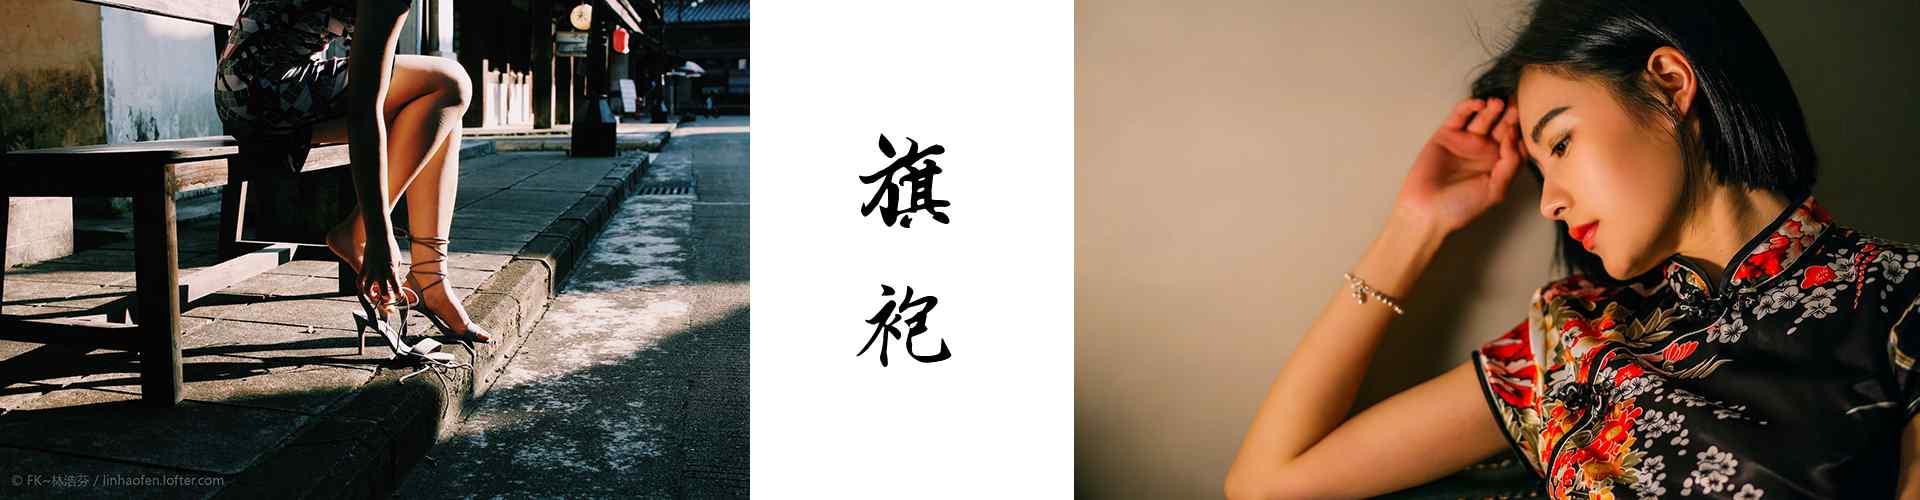 旗袍美女_旗袍图片_旗袍女神_性感旗袍_旗袍诱惑_高清美女壁纸